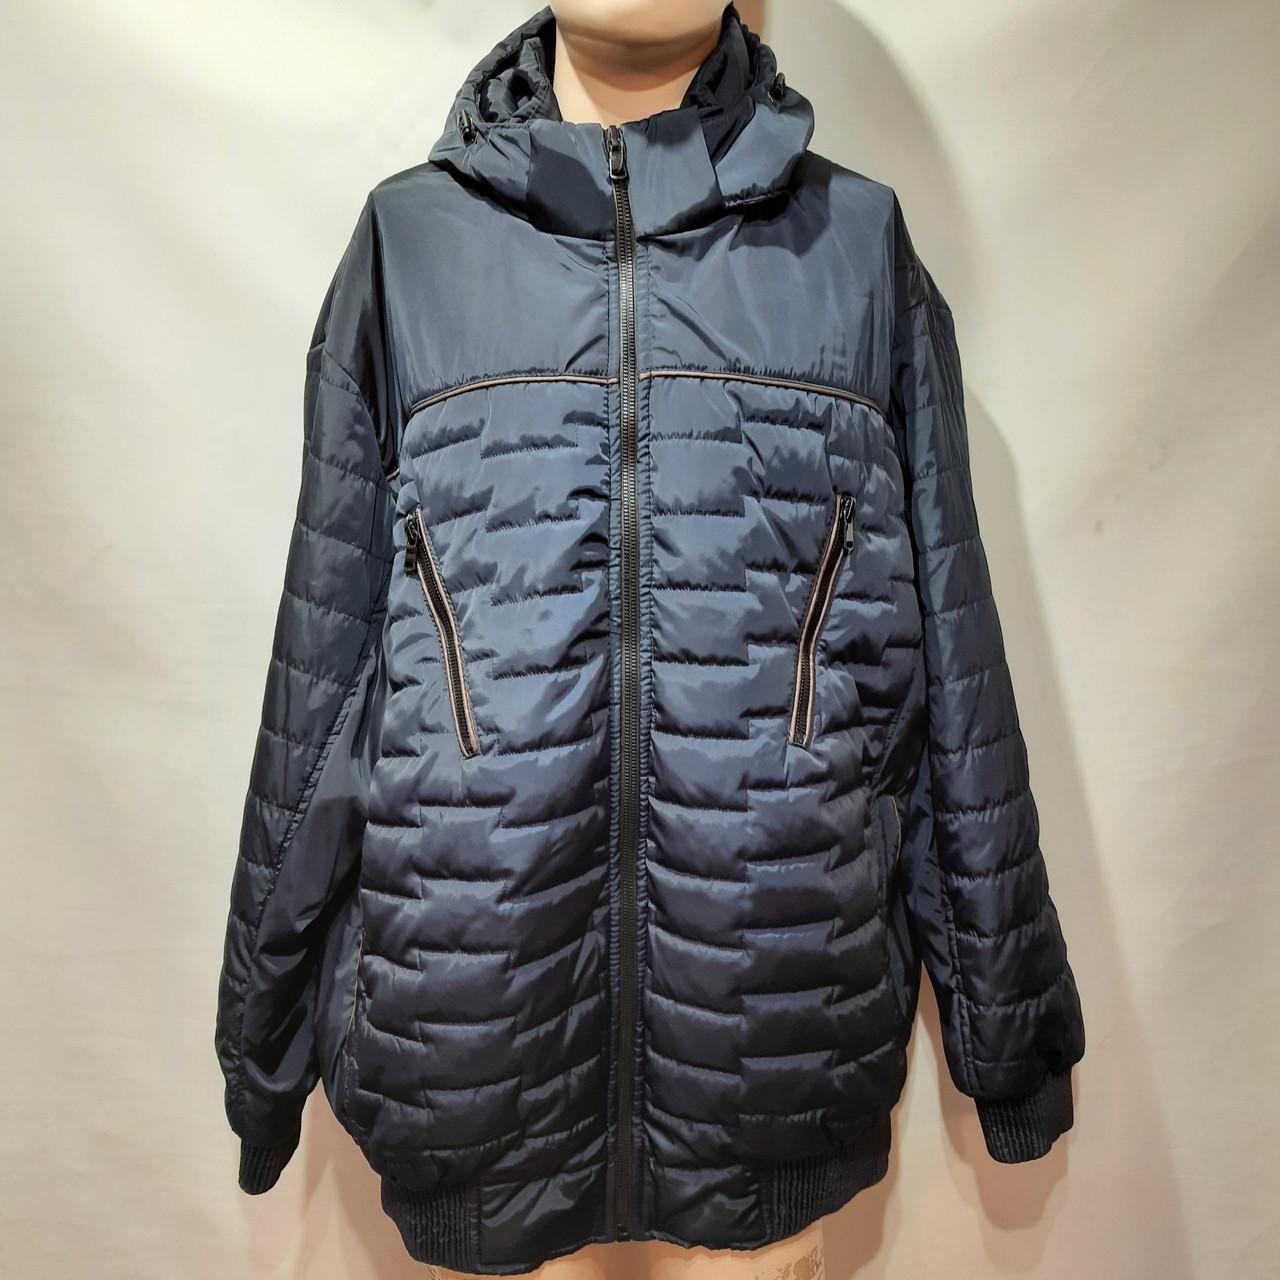 Куртка чоловіча весняна, (Супер Великих розмірів) демісезонна куртка 66-76